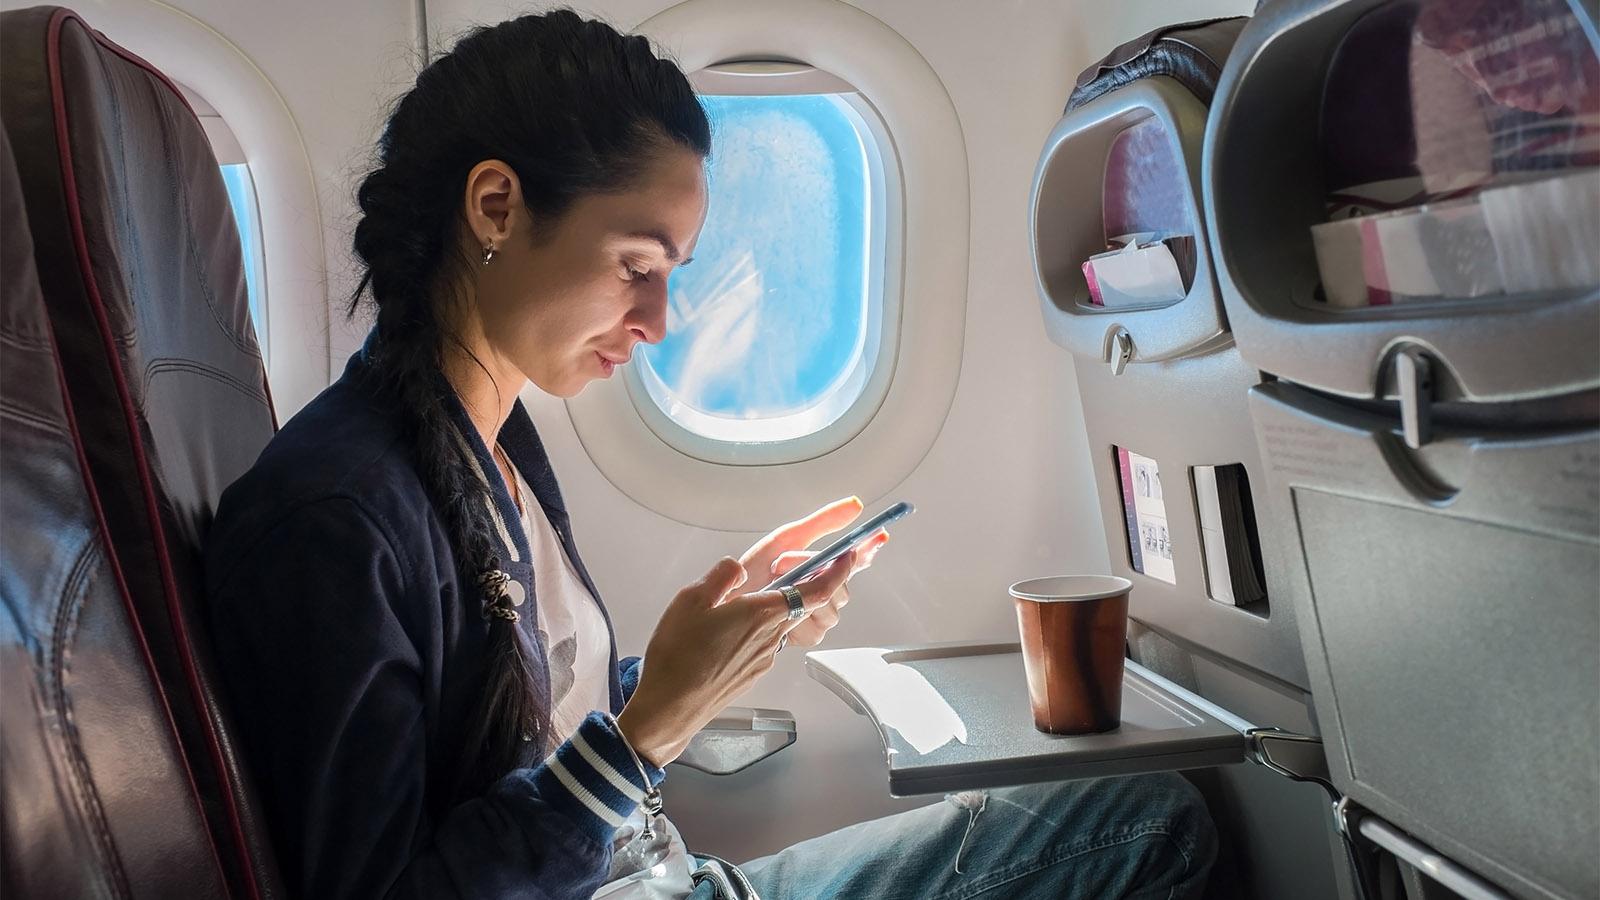 Uzun Uçuşlarda Keyifli Vakit Geçirmek İçin Tavsiyeler